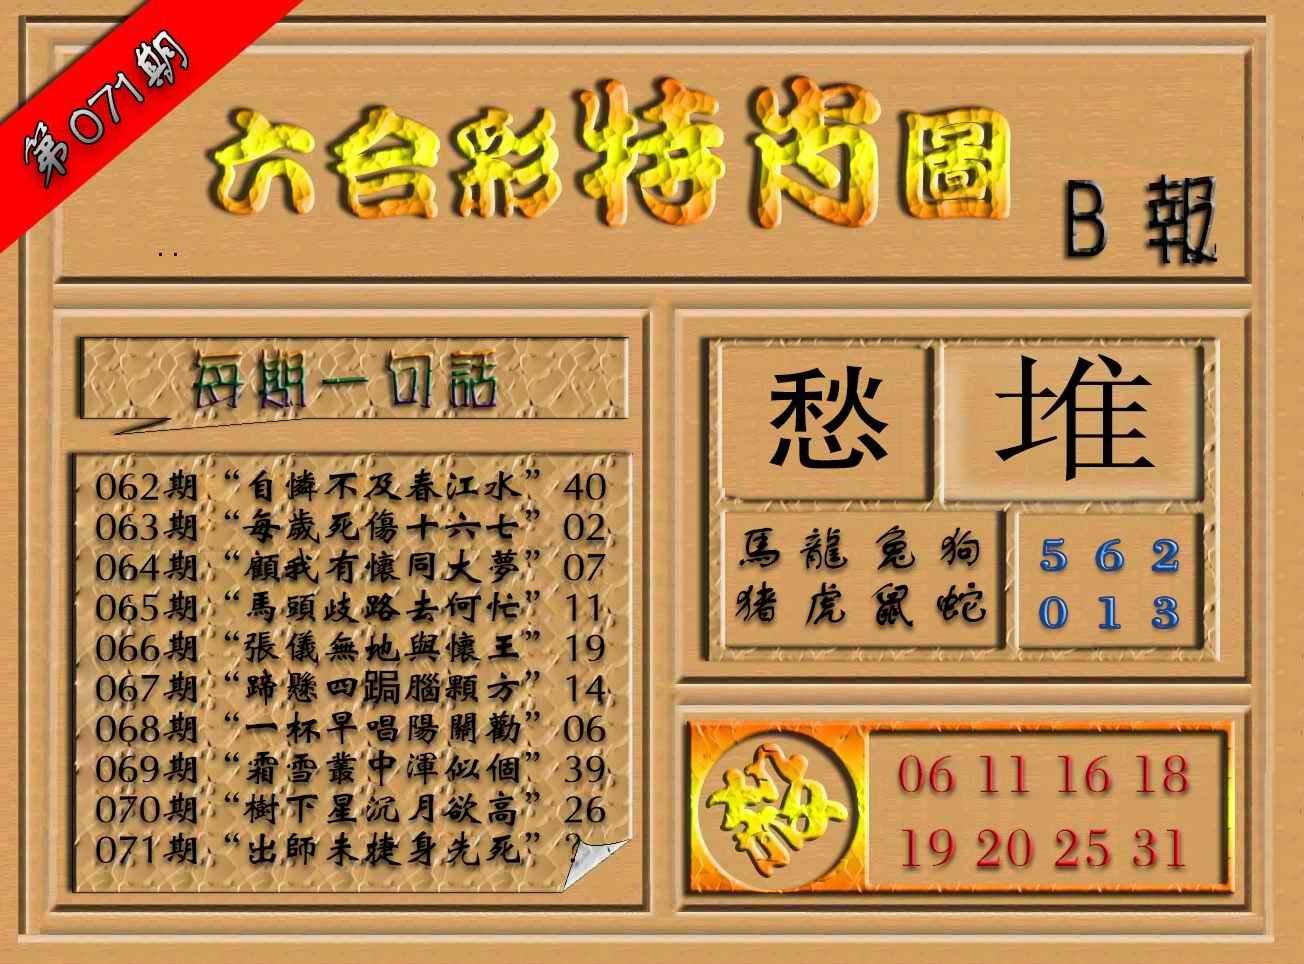 071期六合彩特肖图(B报)